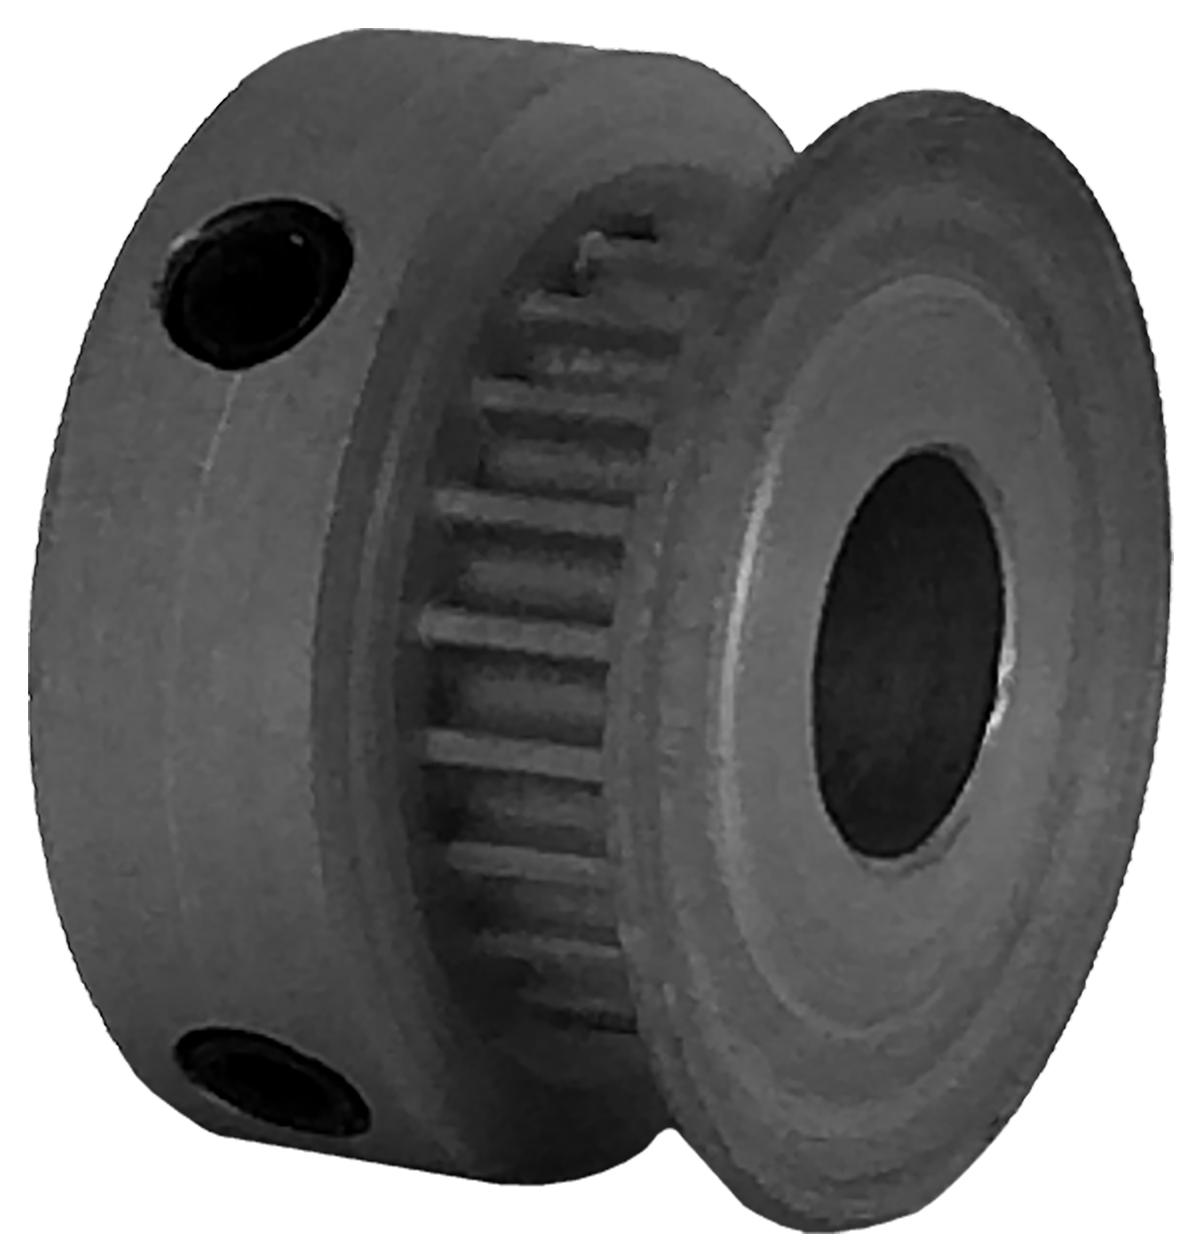 21-2P03-6CA3 - Aluminum Powerhouse® Pulleys